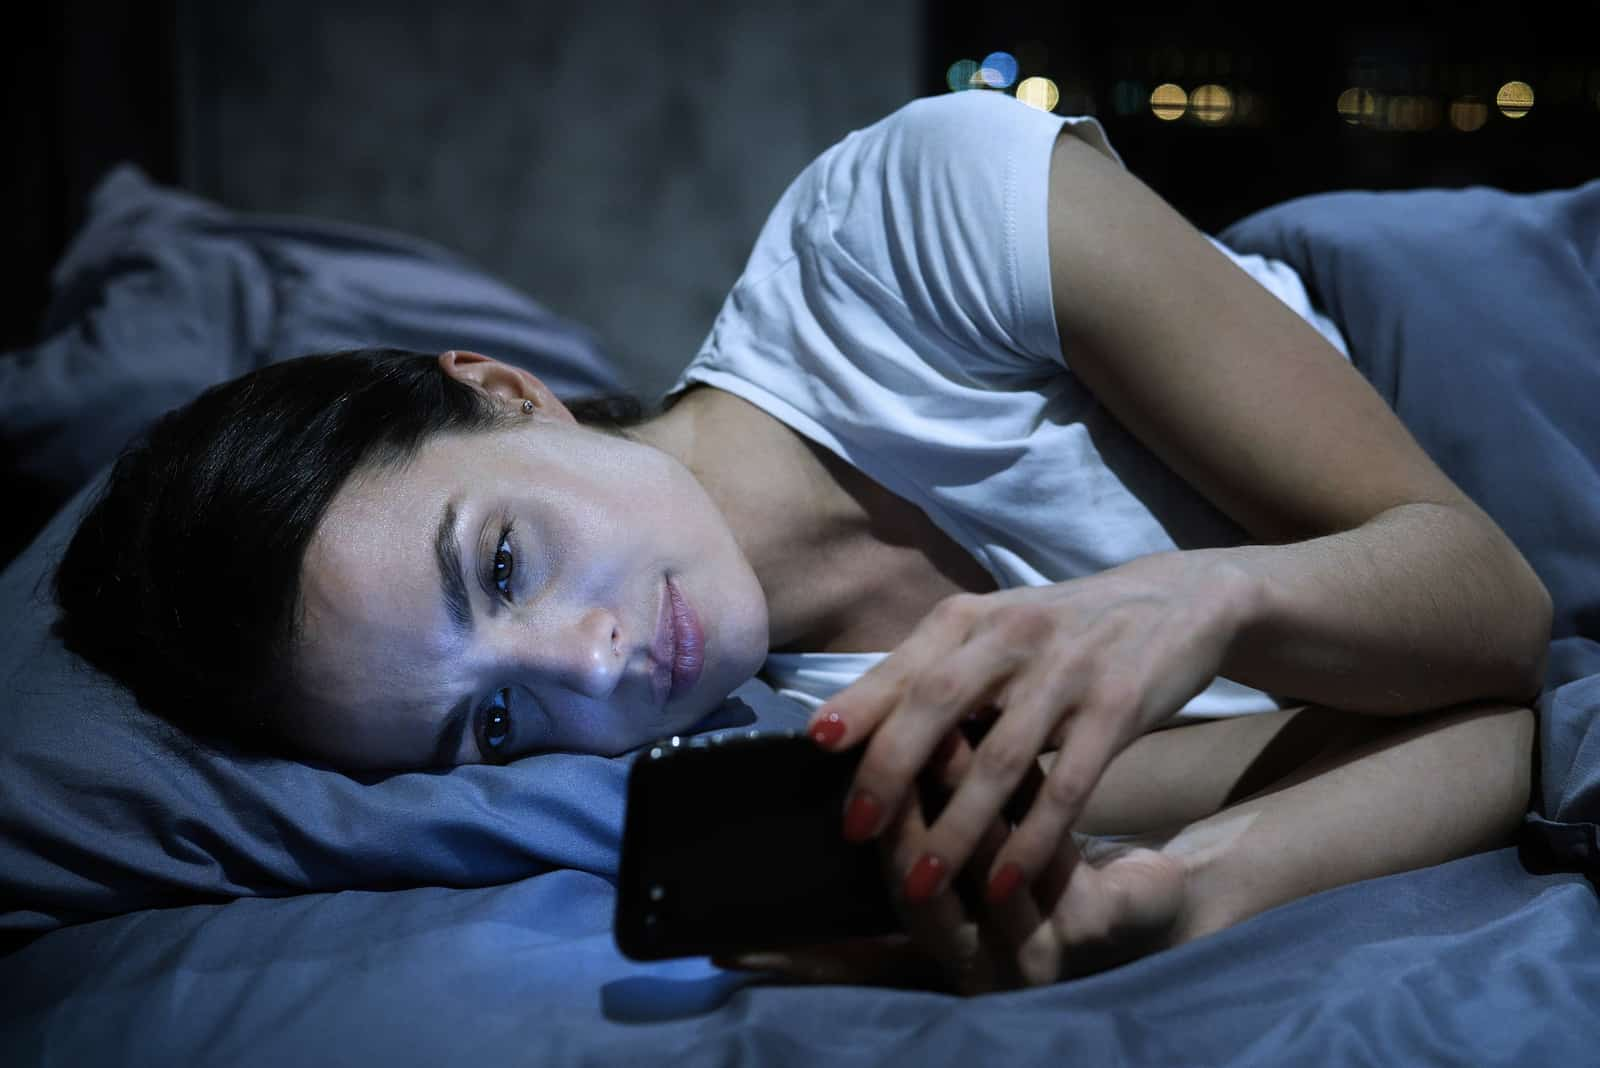 une femme imaginaire couchée dans son lit et en appuyant sur un téléphone